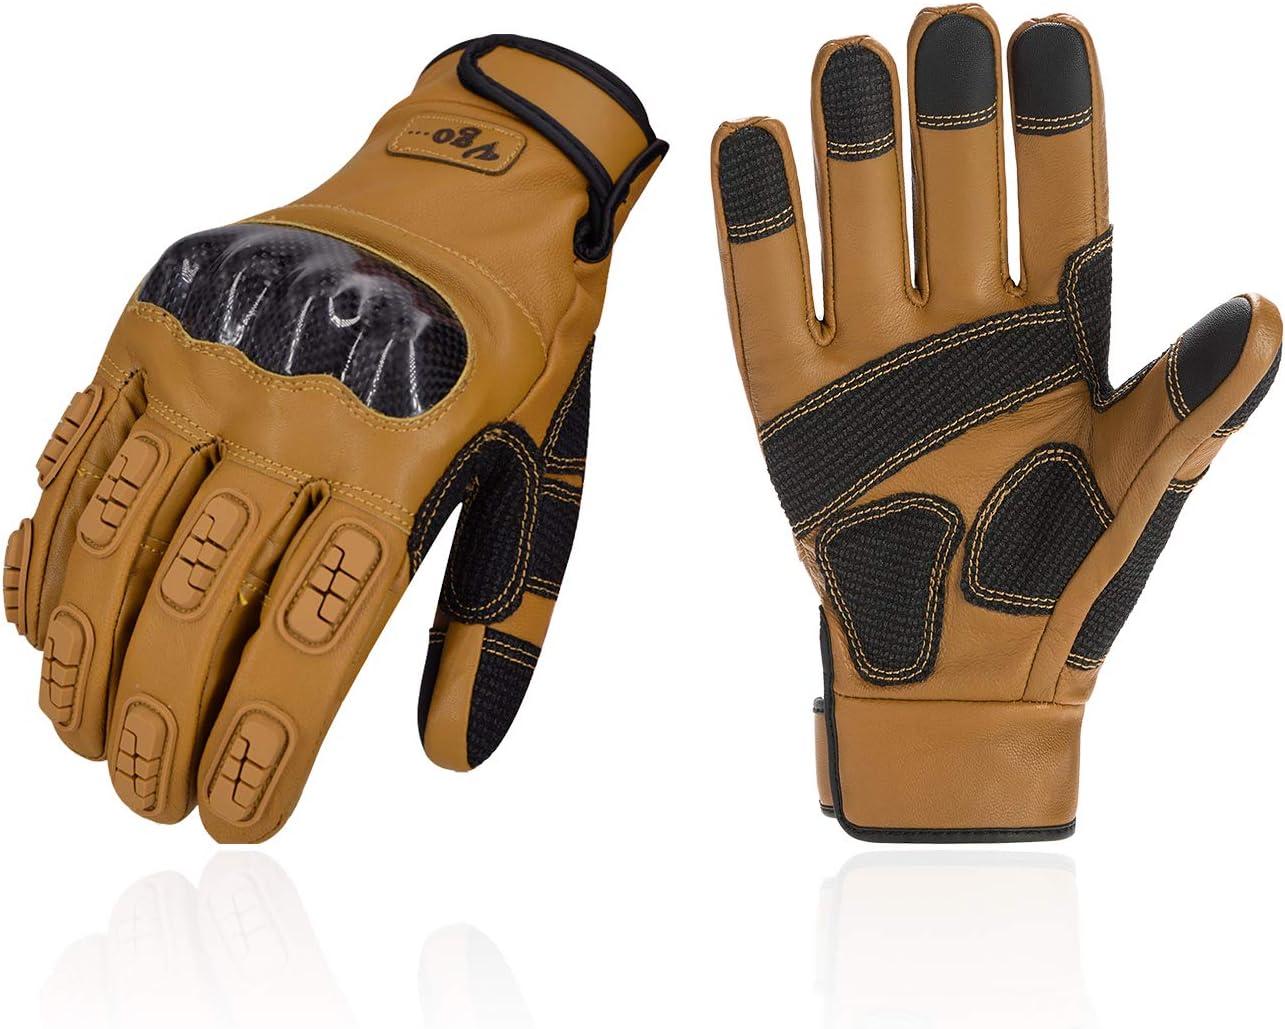 VTT et Randonn/ée Ecran-Tactile Articulation Dure GA9638HL V/élo Vgo Gants Doigt Complet pour Moto